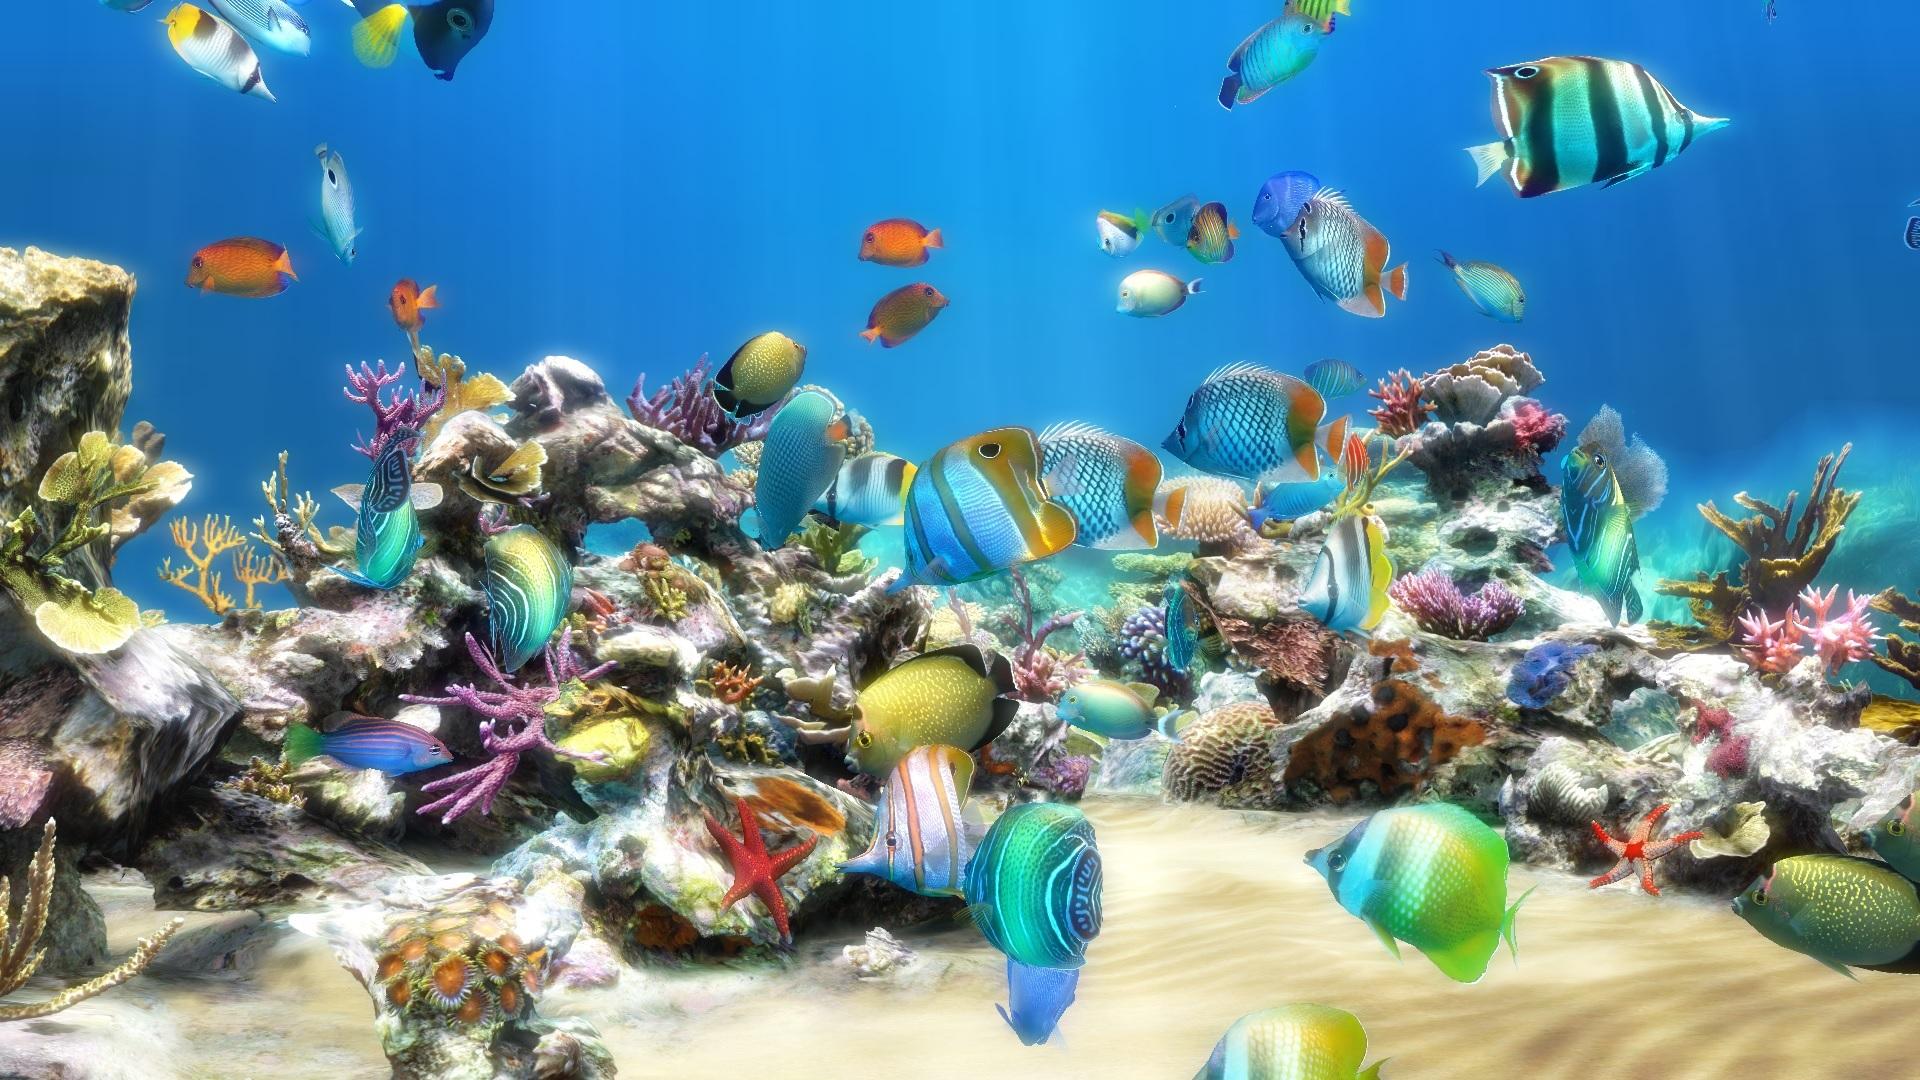 Картинки на рабочий стол анимация рыбки, юбилеем свету красивые